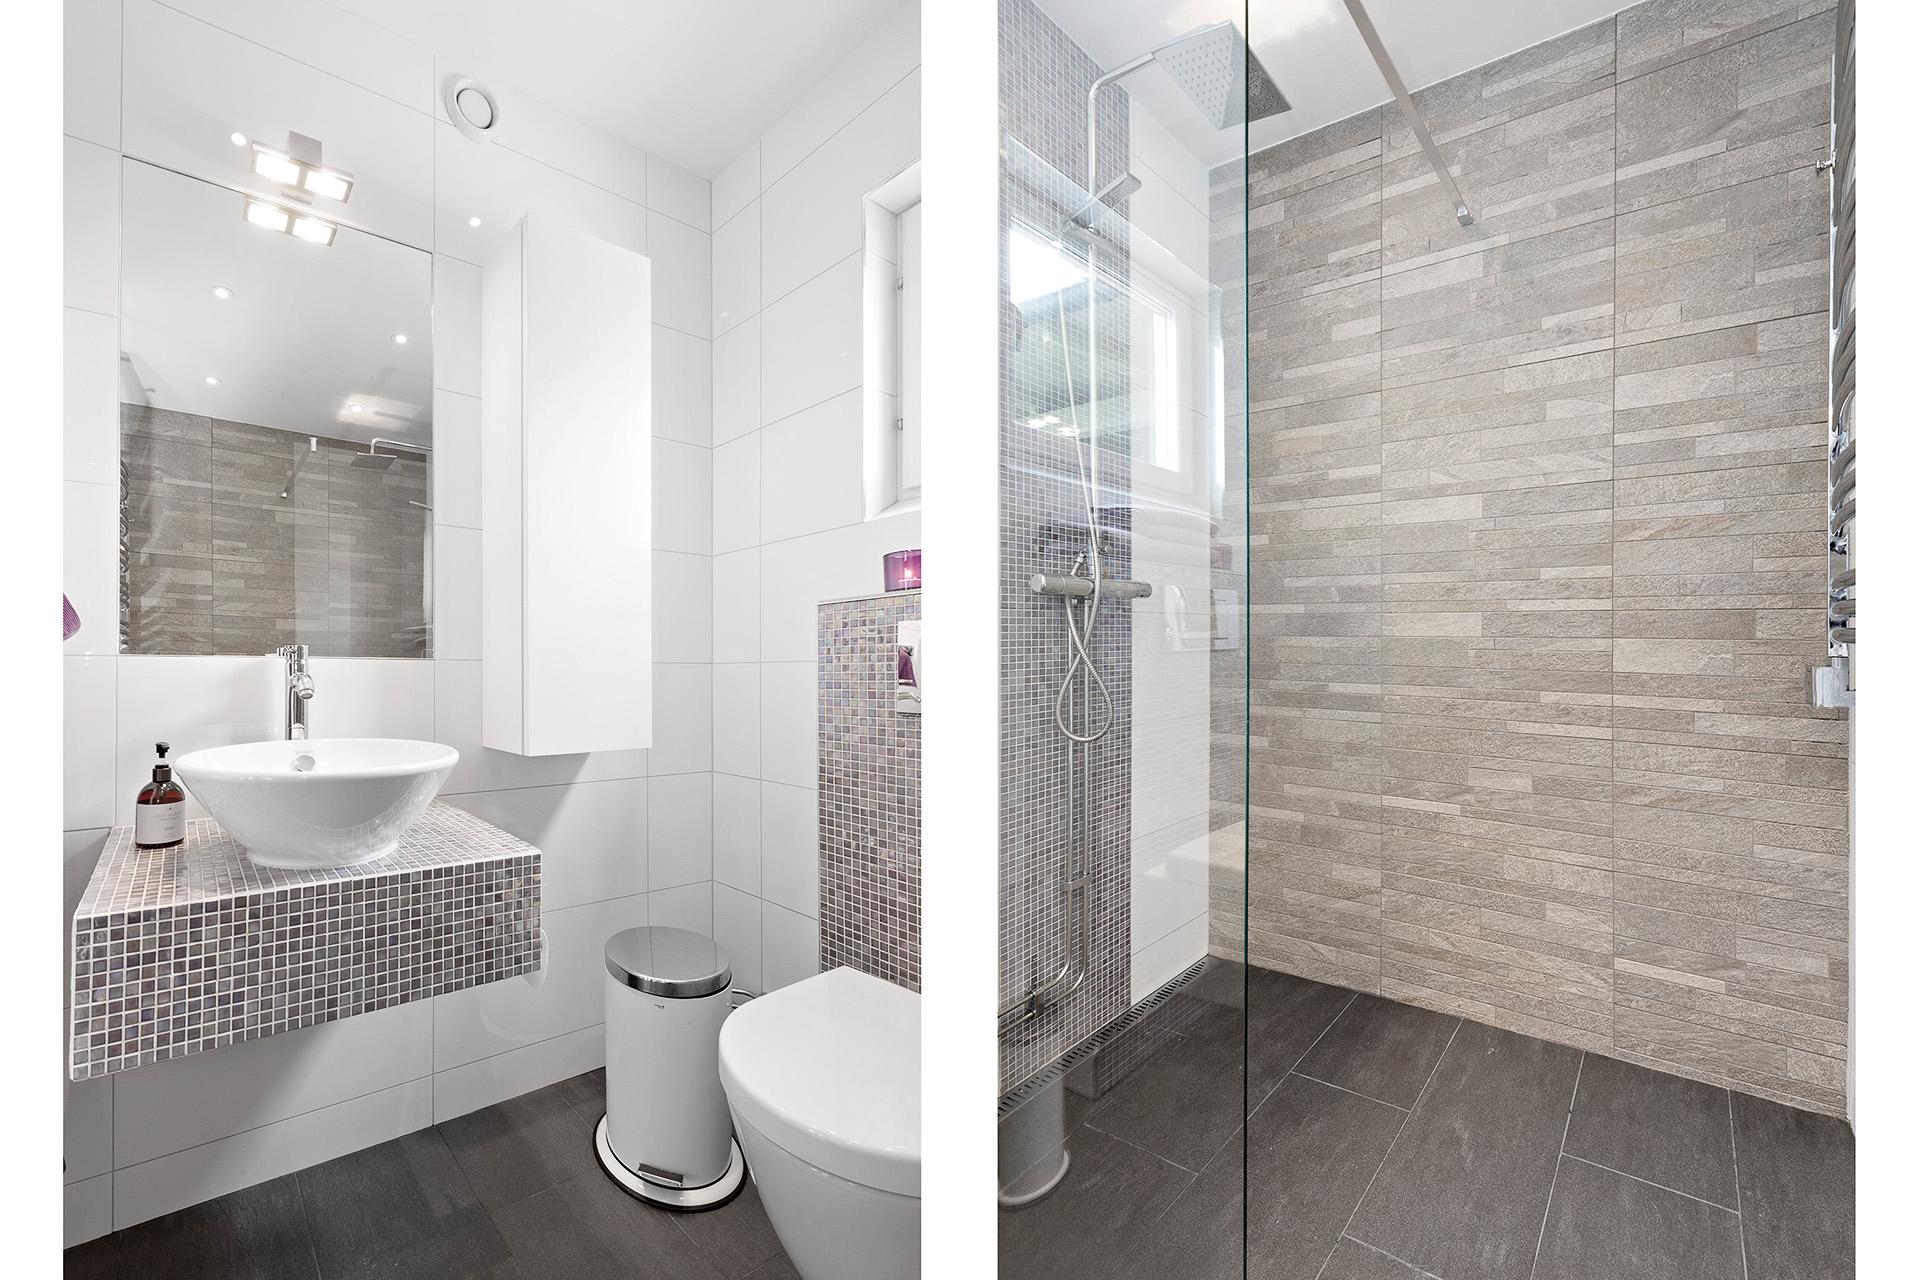 Duschrum med toalett, entréplan